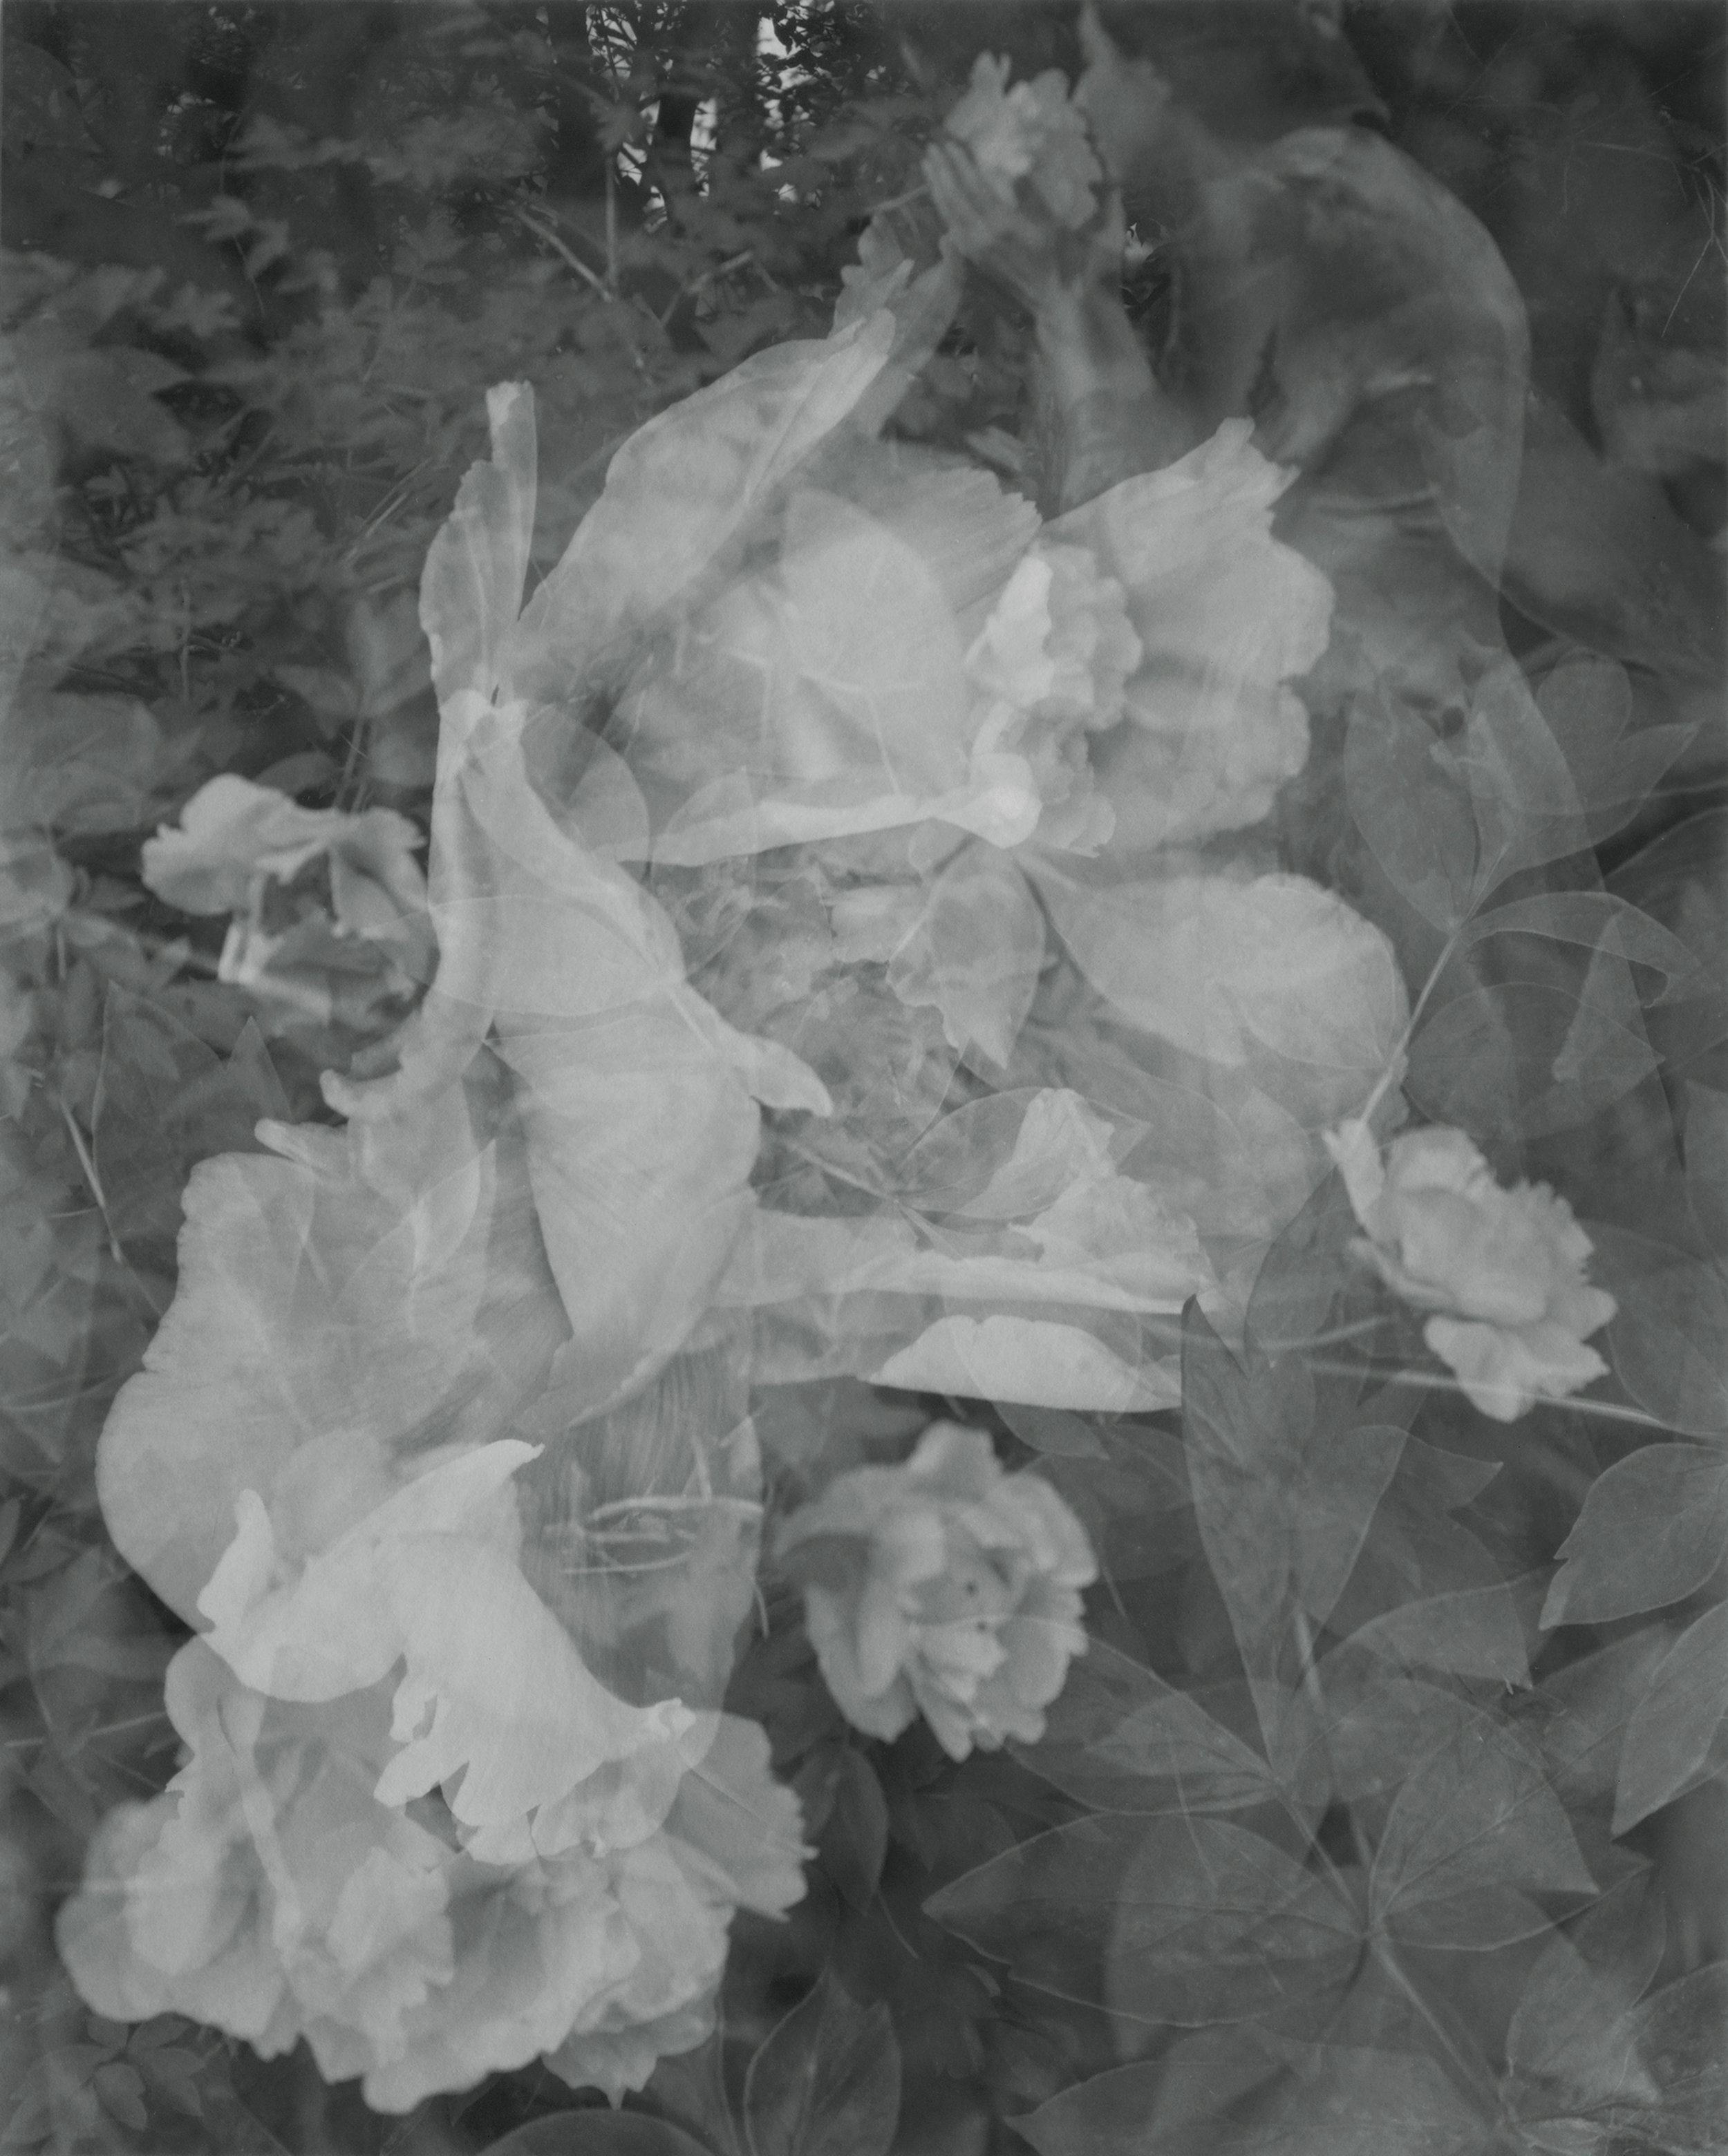 Elvira_Piedra_Breathing in Flowers, Linwood Gardens, 2007.jpg